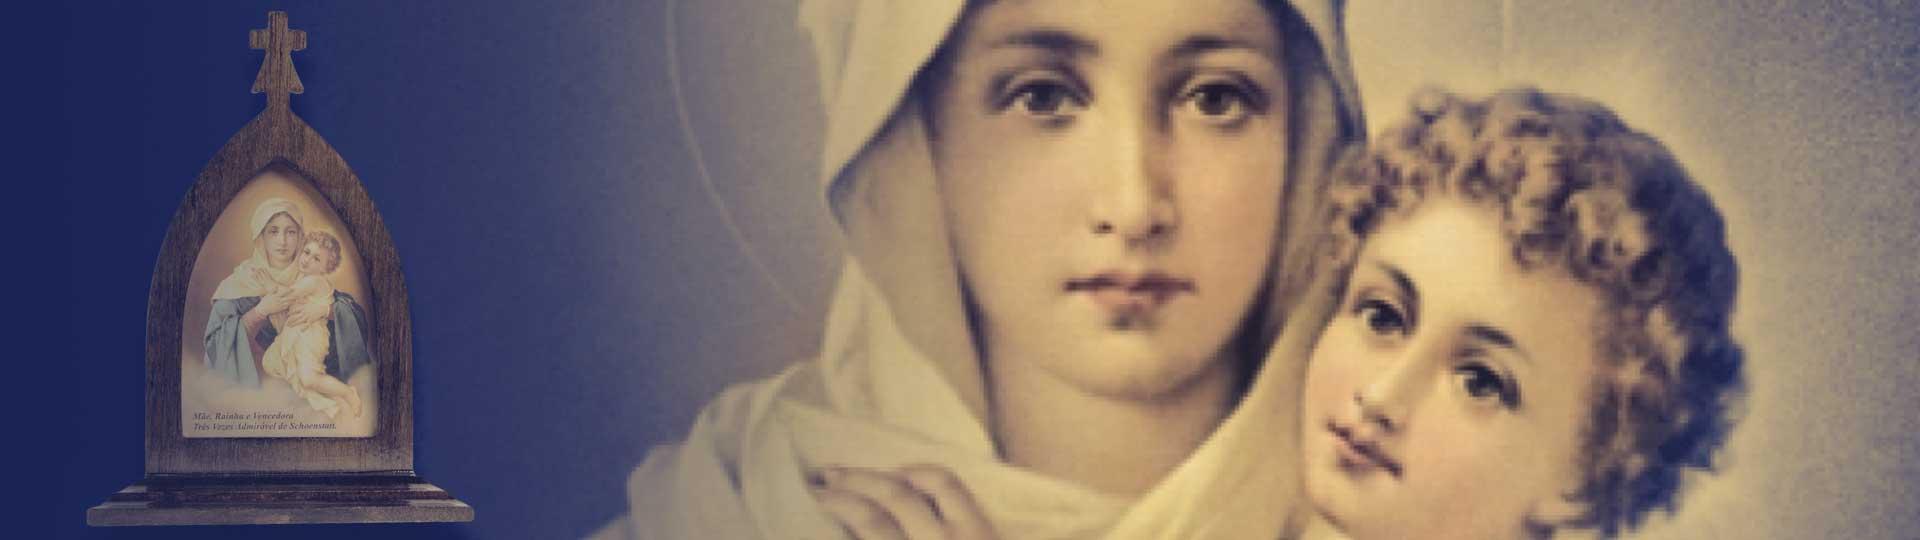 Mãe Peregrina - Paróquia Nossa Senhora da Esperança, Asa Norte, Brasília-DF